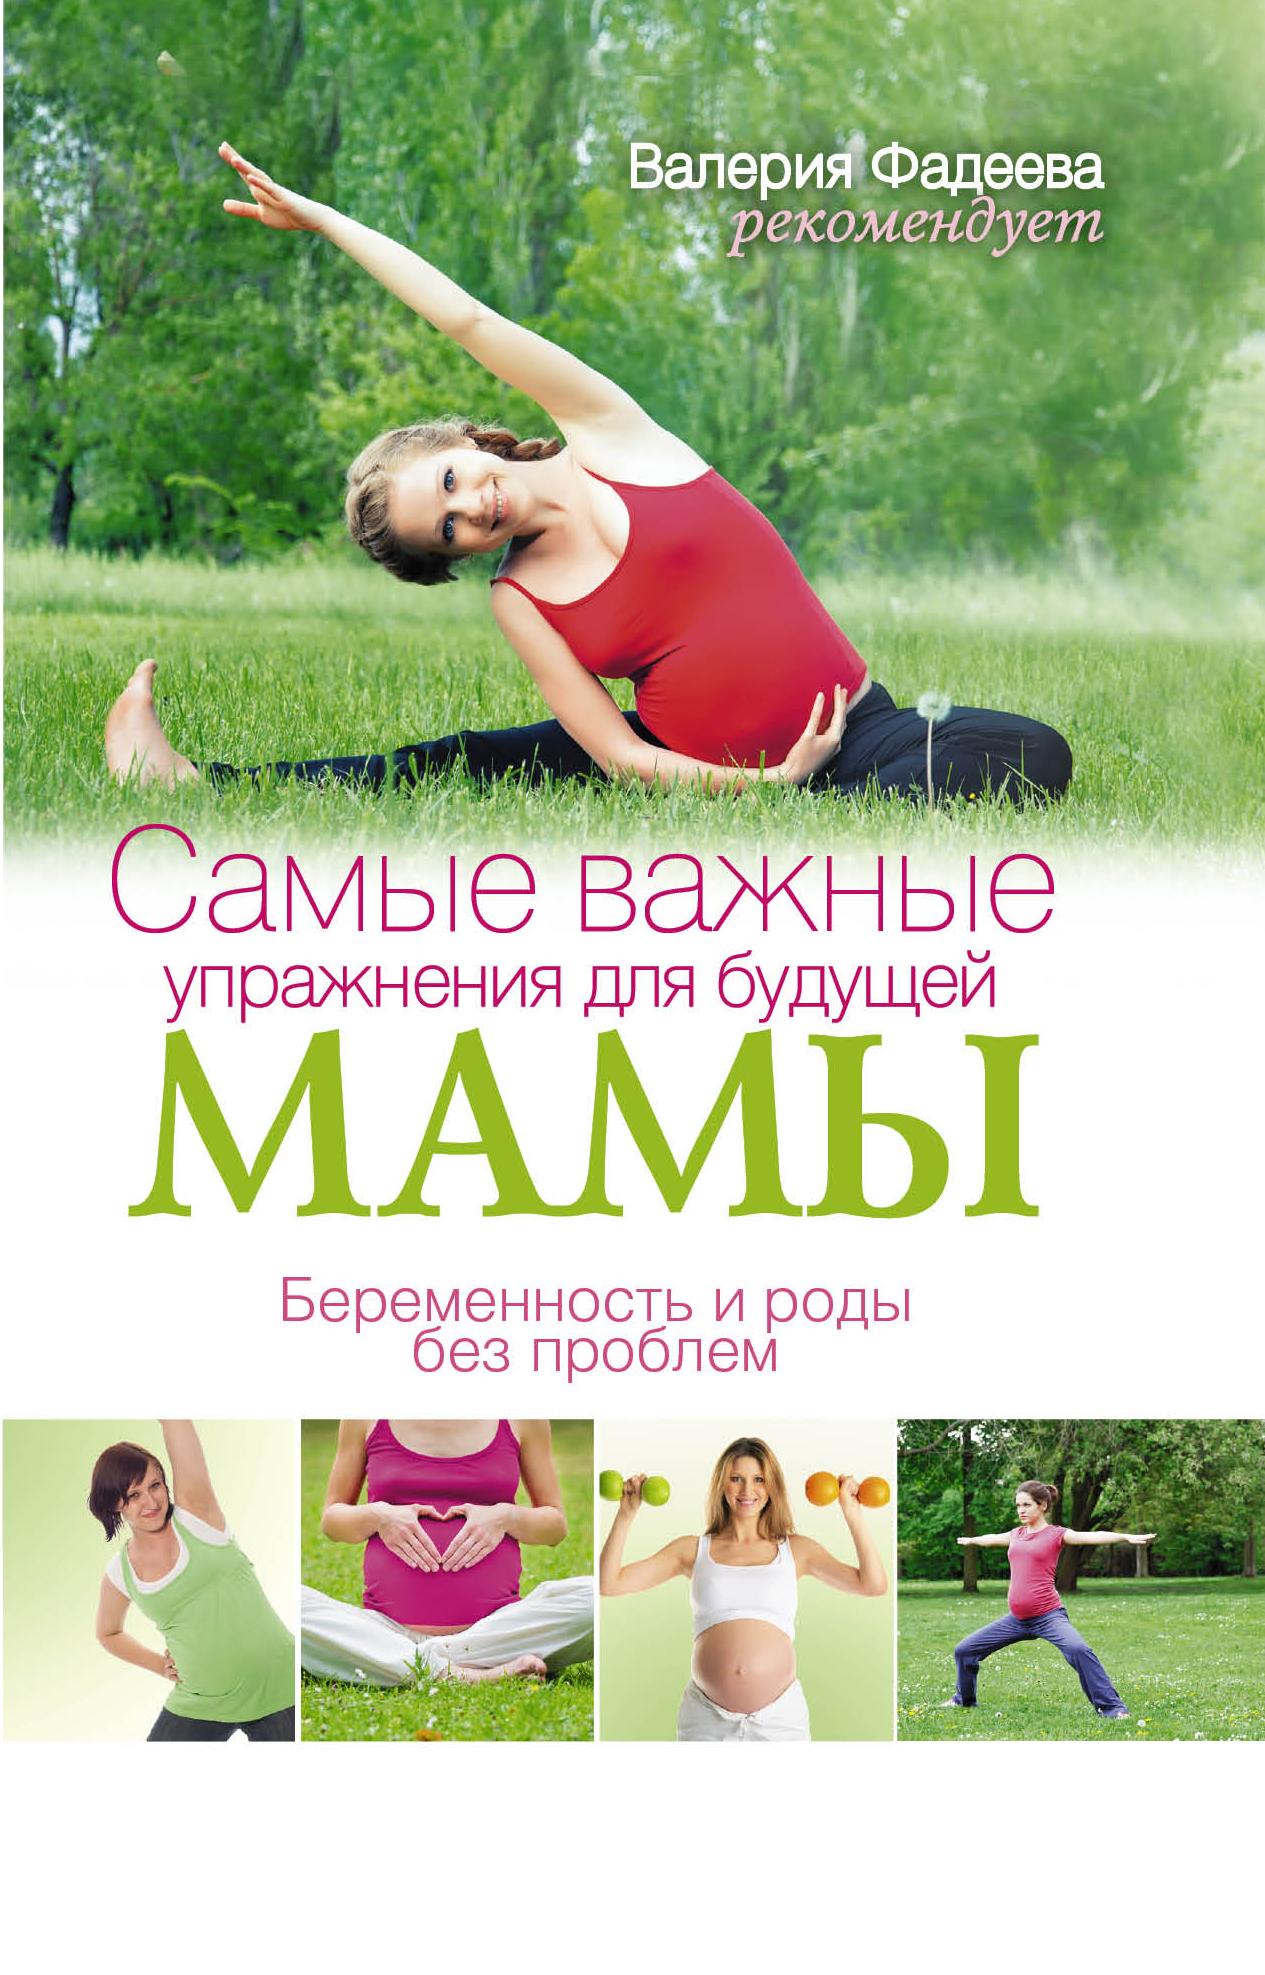 Купить Женское здоровье, Самые важные упражнения для будущей мамы.Беременность и роды без проблем, 978-5-17-077857-7